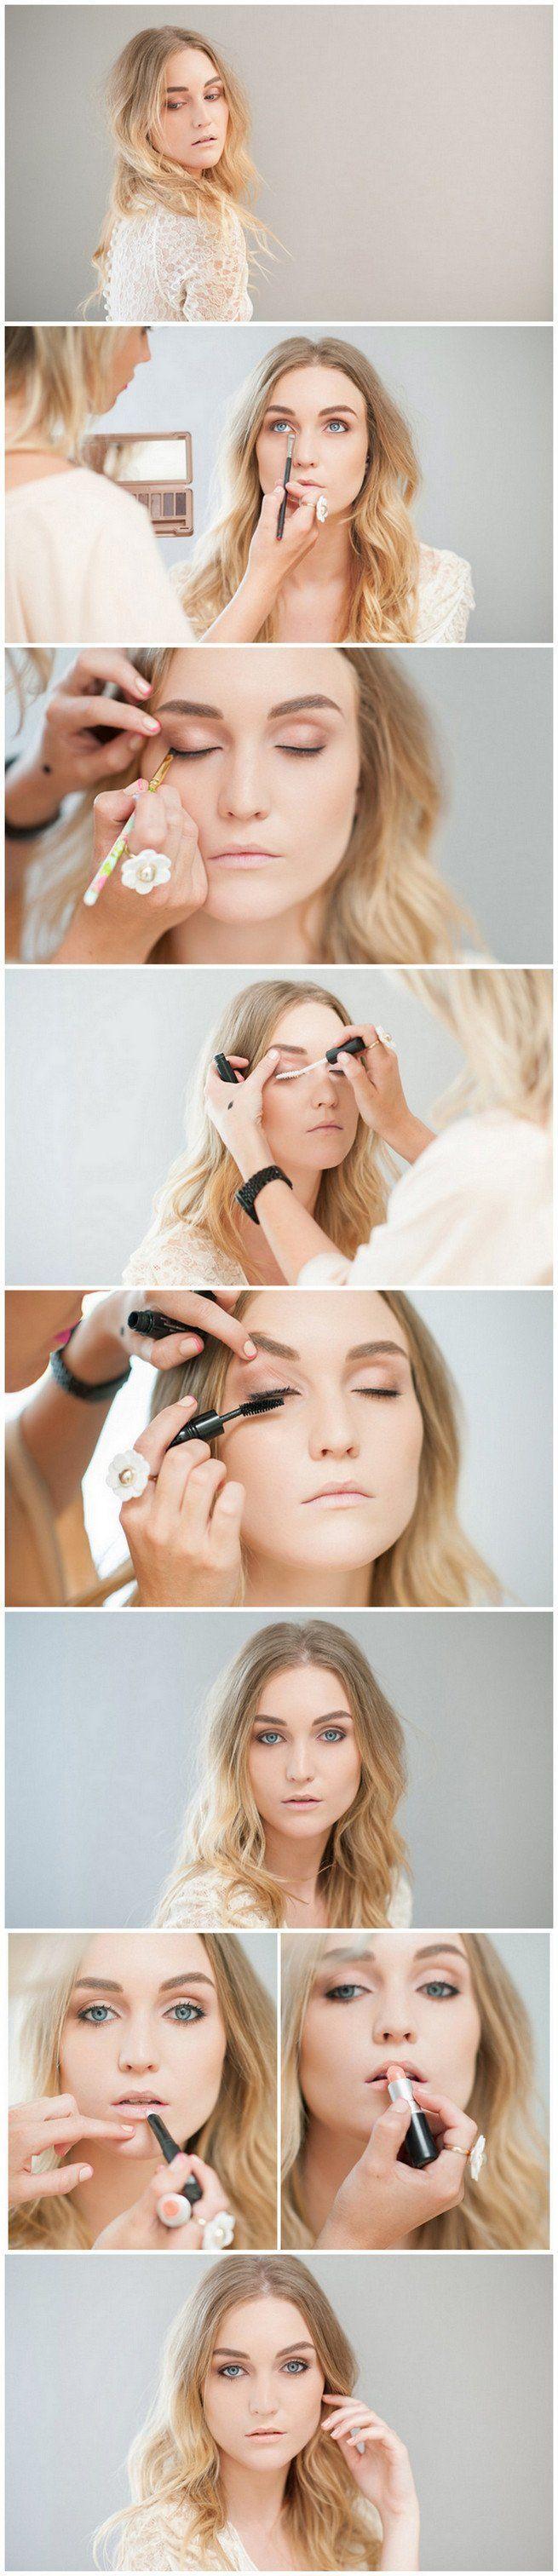 Cómo aplicar maquillaje paso a paso Para un rostro impecable